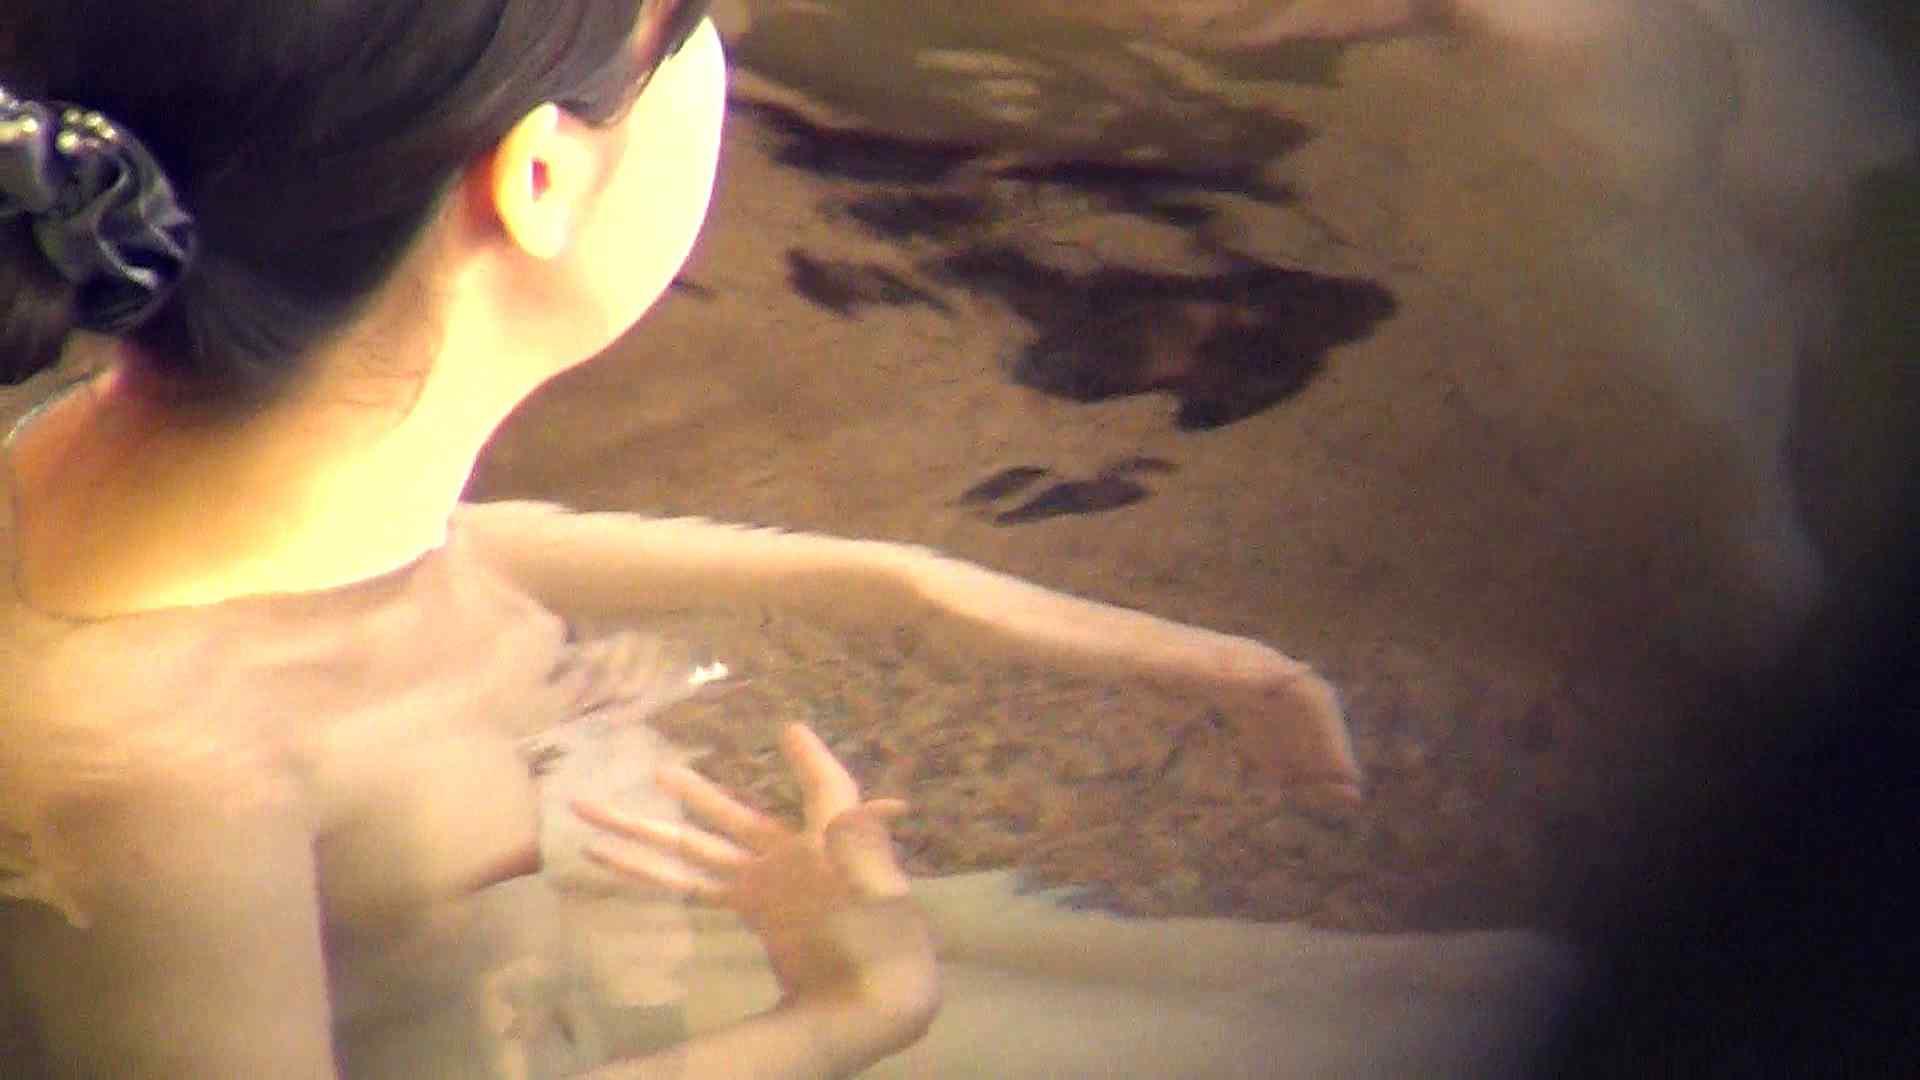 Aquaな露天風呂Vol.285 OLすけべ画像 SEX無修正画像 97連発 20